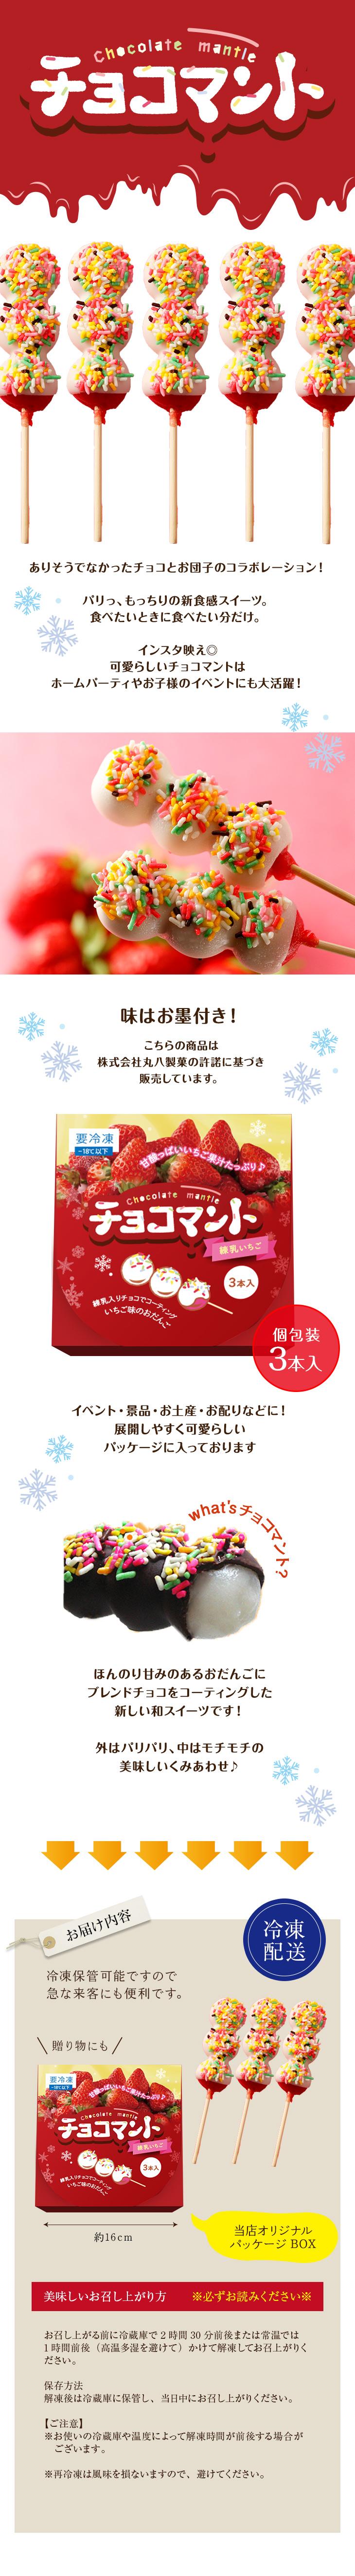 チョコマント 練乳いちご